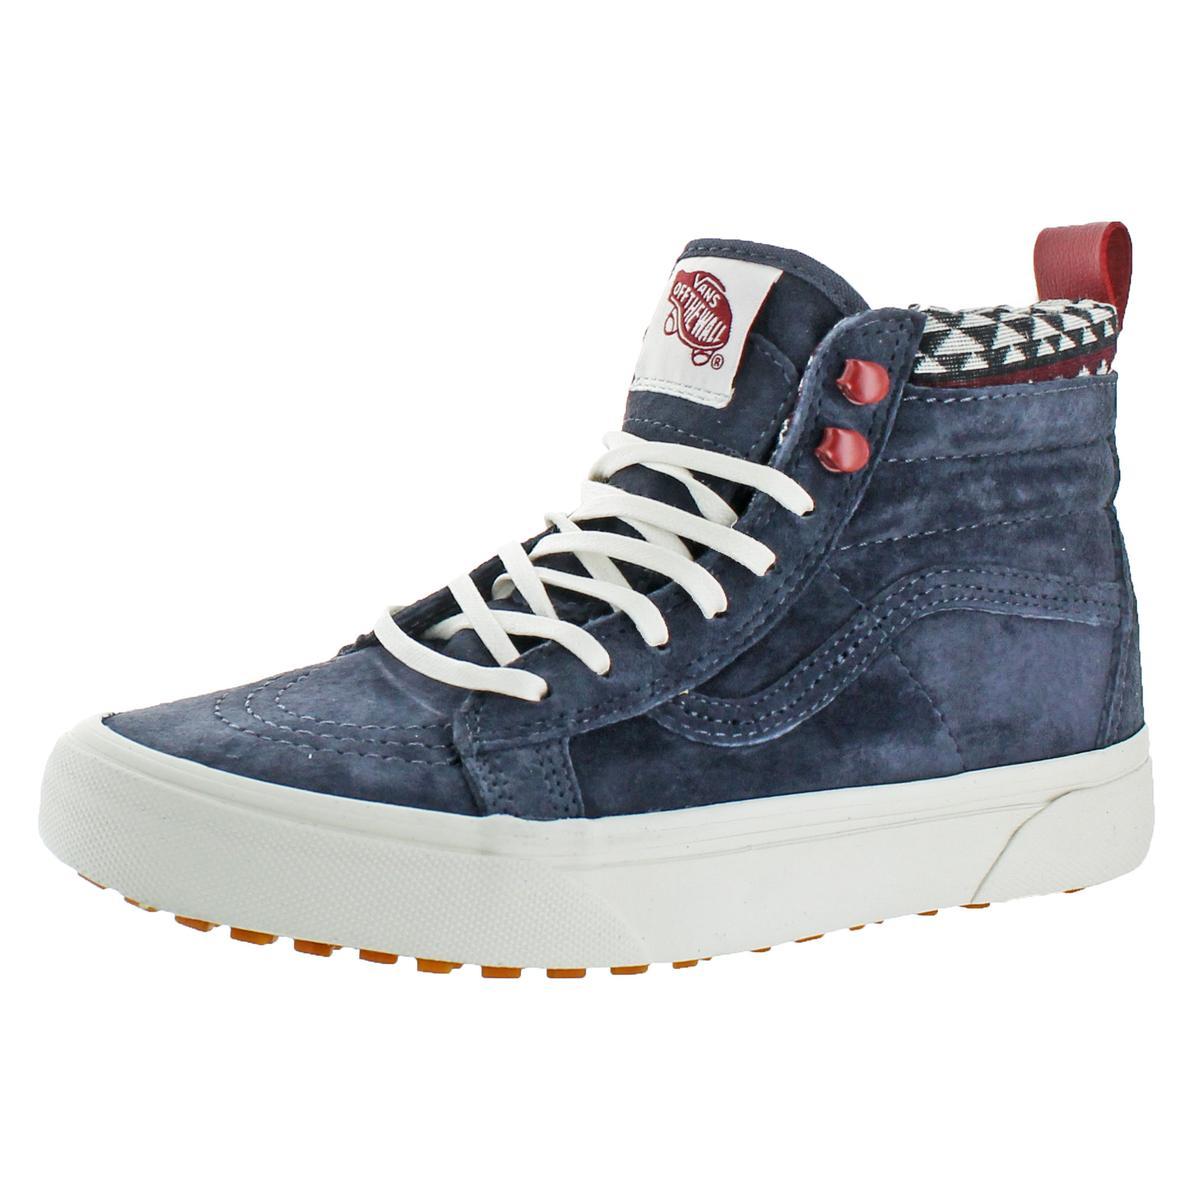 2bcc4e5dea9 Details about Vans Womens SK8-HI MTE Suede High Top Skate Shoes Blue 6  Medium (B